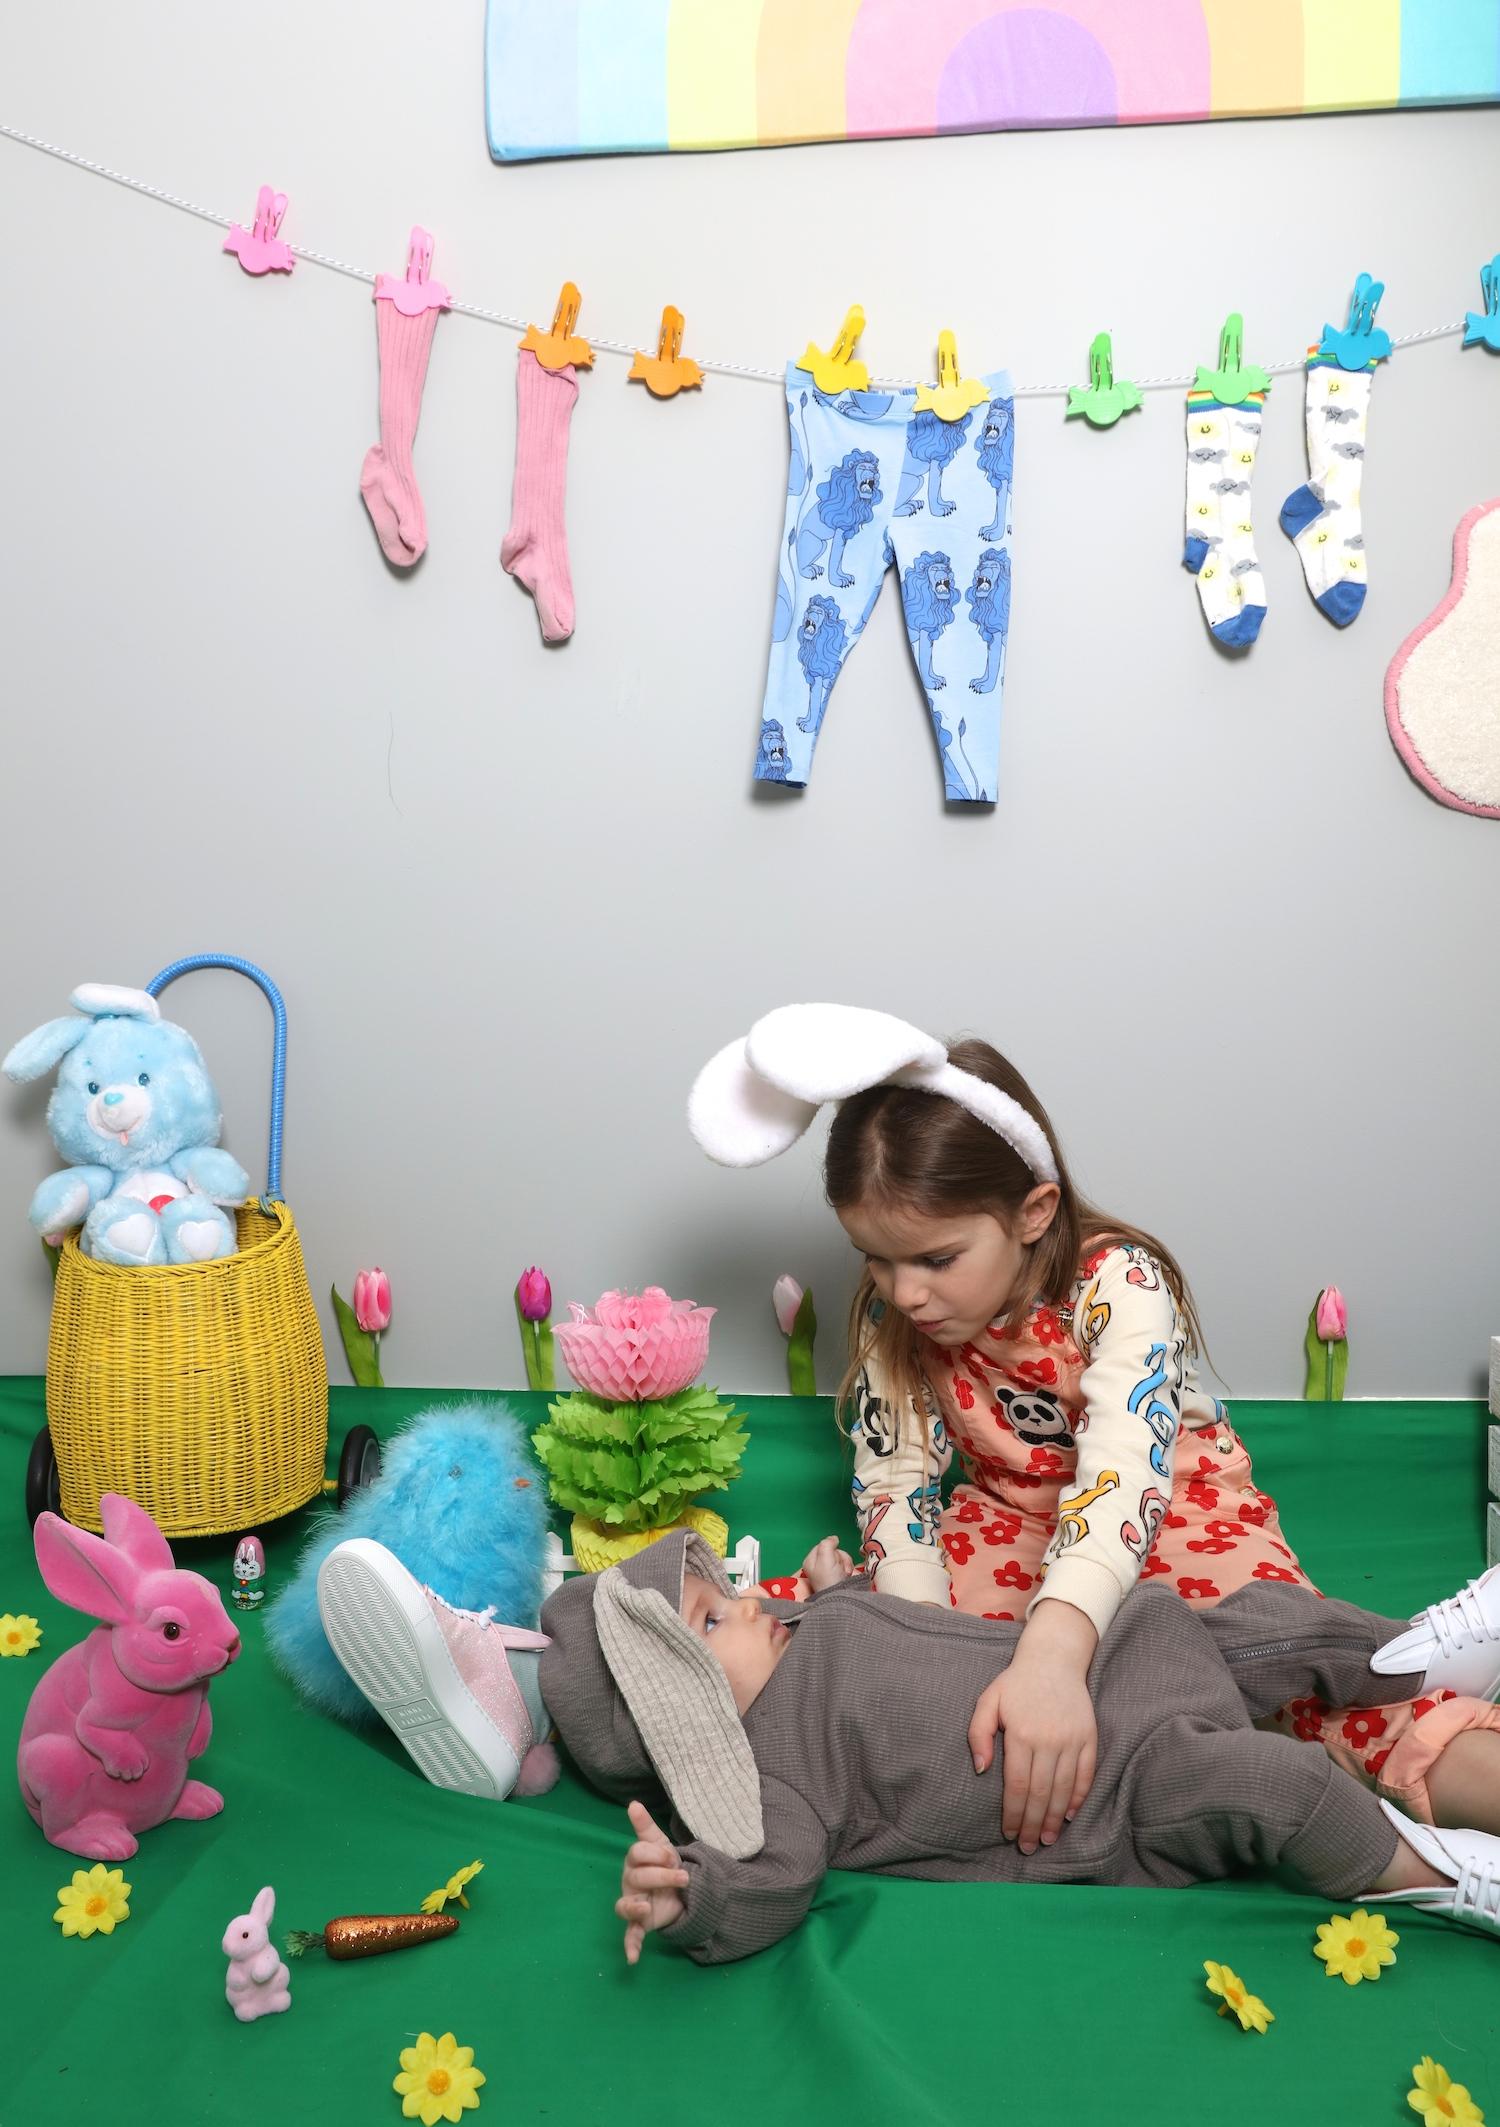 minna_parikka_children_salon_mini_rodini_leggings